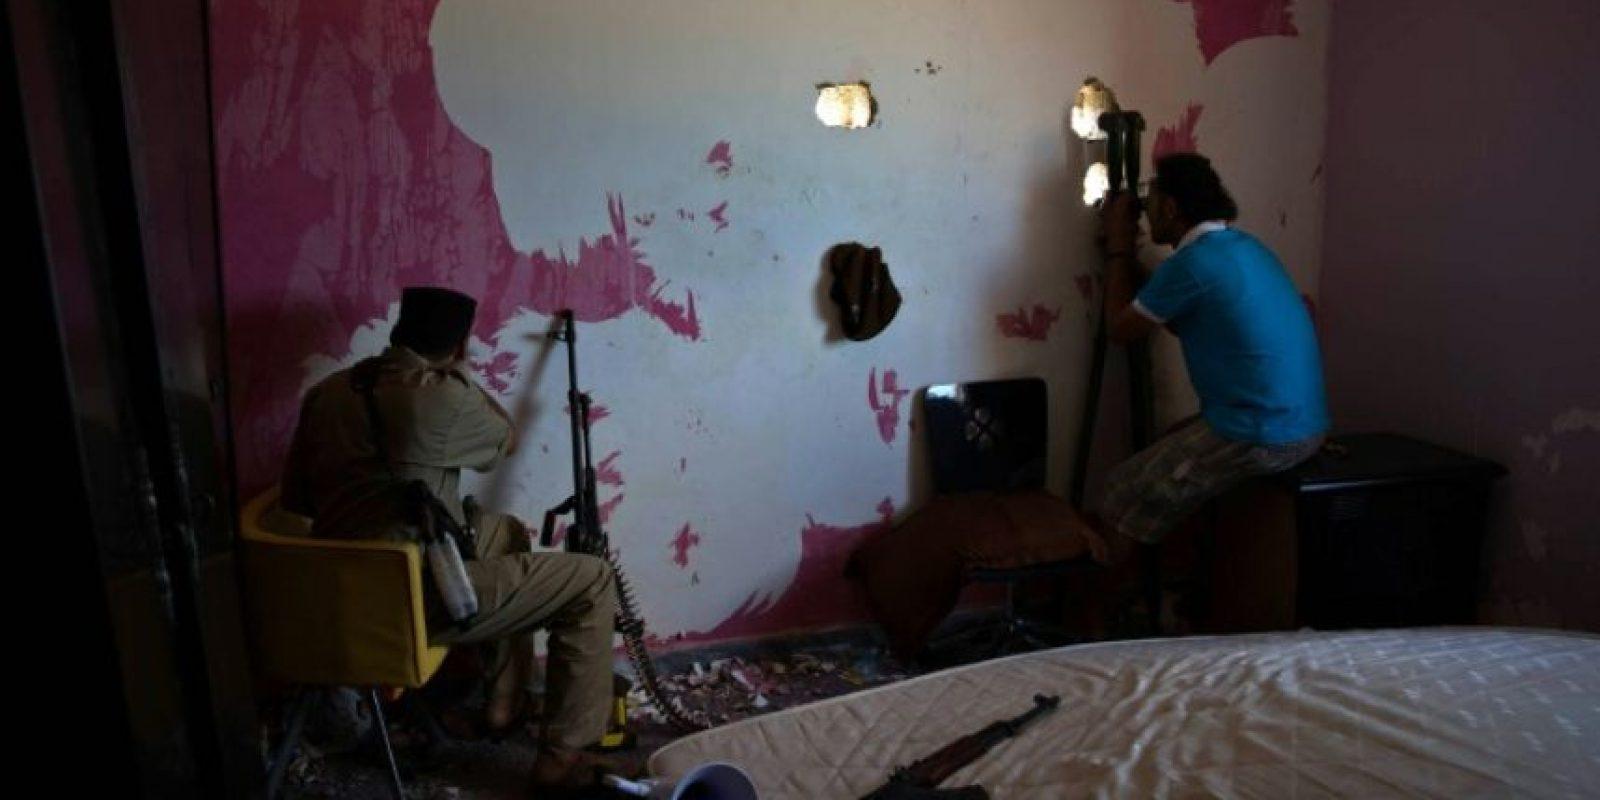 Combatientes de las fuerzas leales al gobierno libio respaldado por la ONU vigilan desde un escondite en Sirte, ciudad costera donde aún resiste el grupo yihadista Estado Islámico (EI), el 26 de octubre de 2016 Foto:str/afp.com